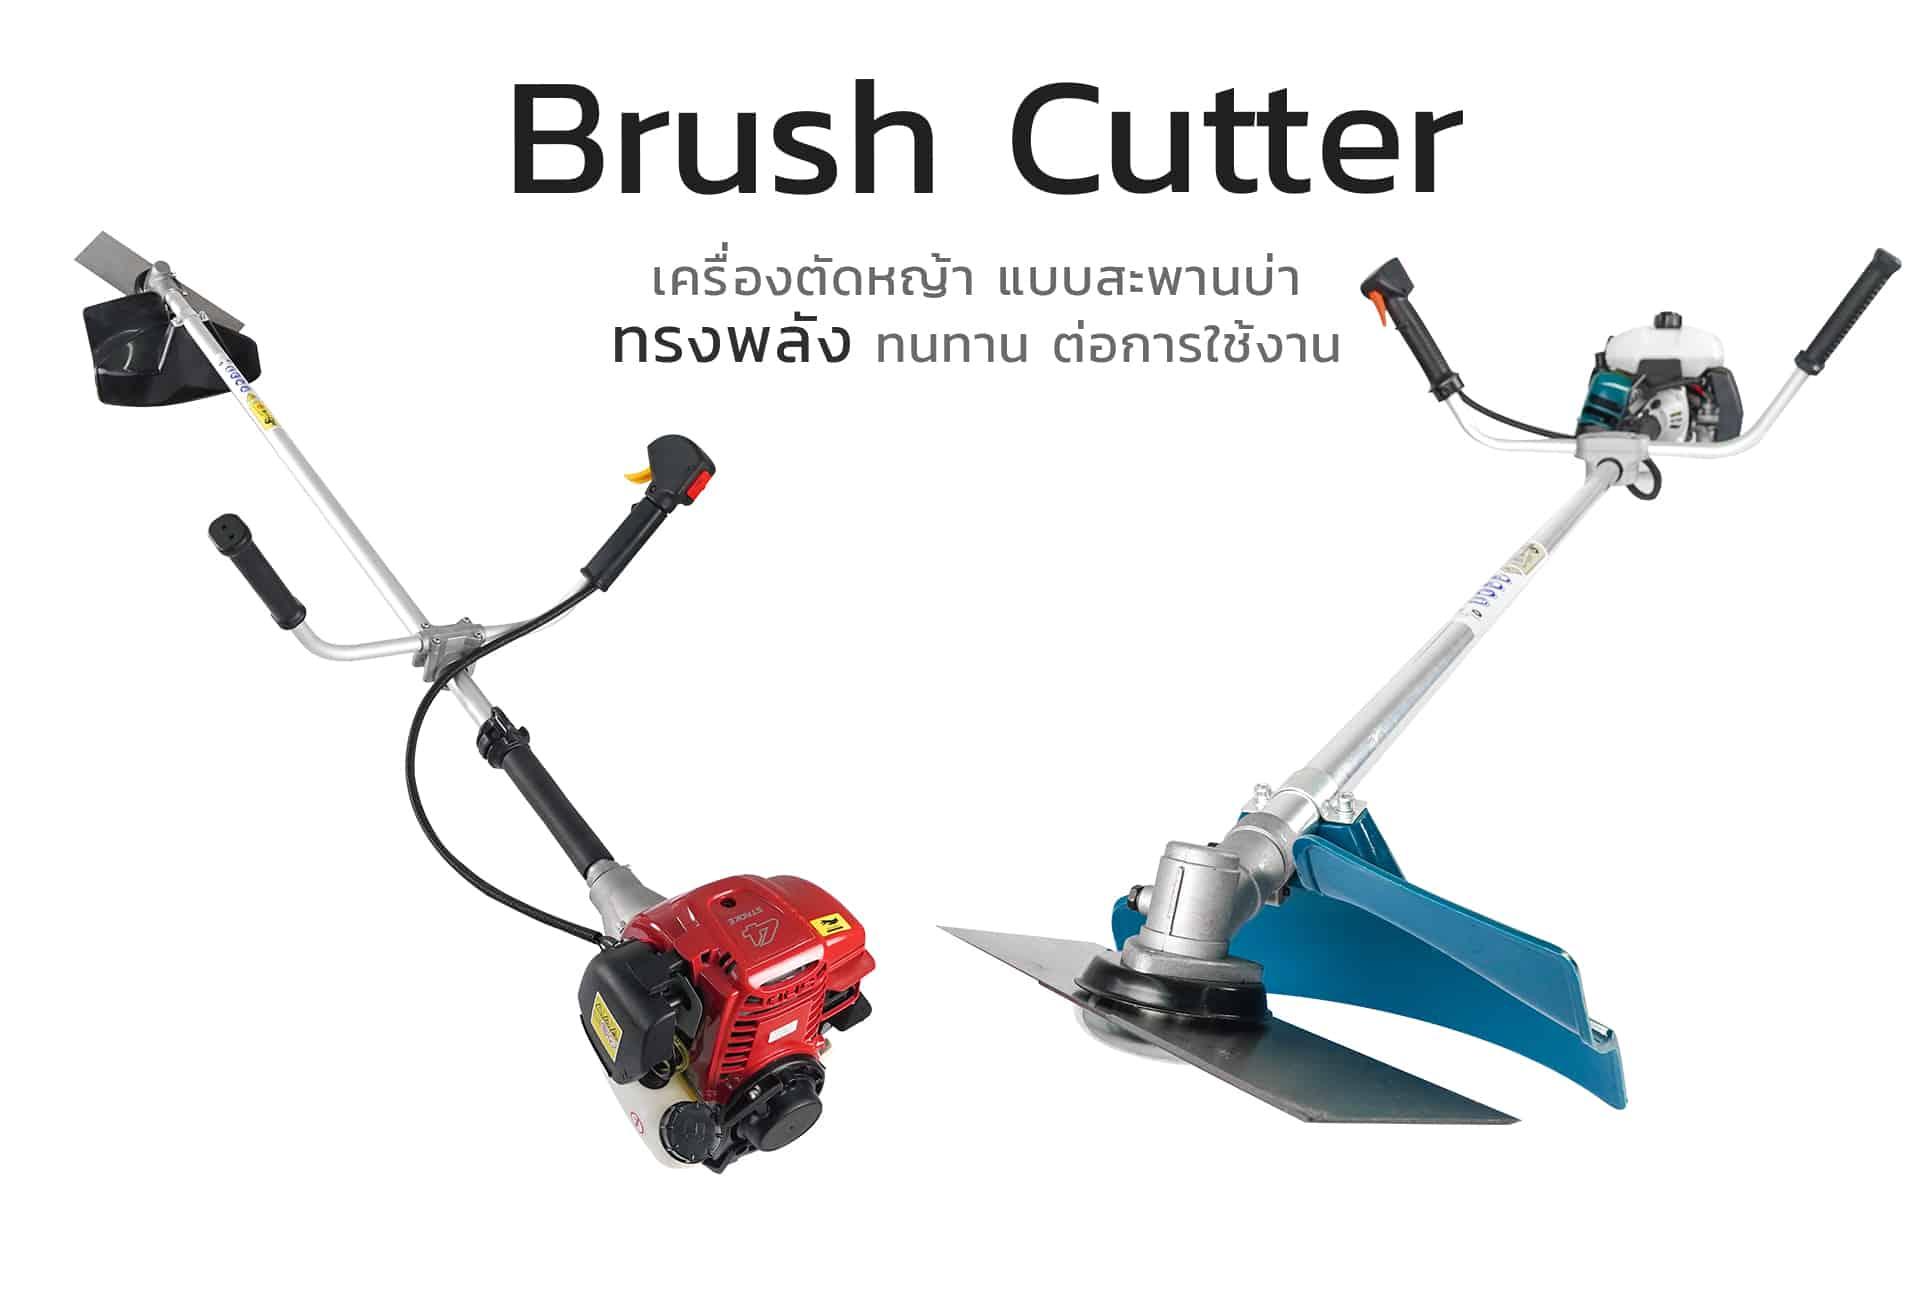 เครื่องตัดหญ้า-brush-cutter-page.